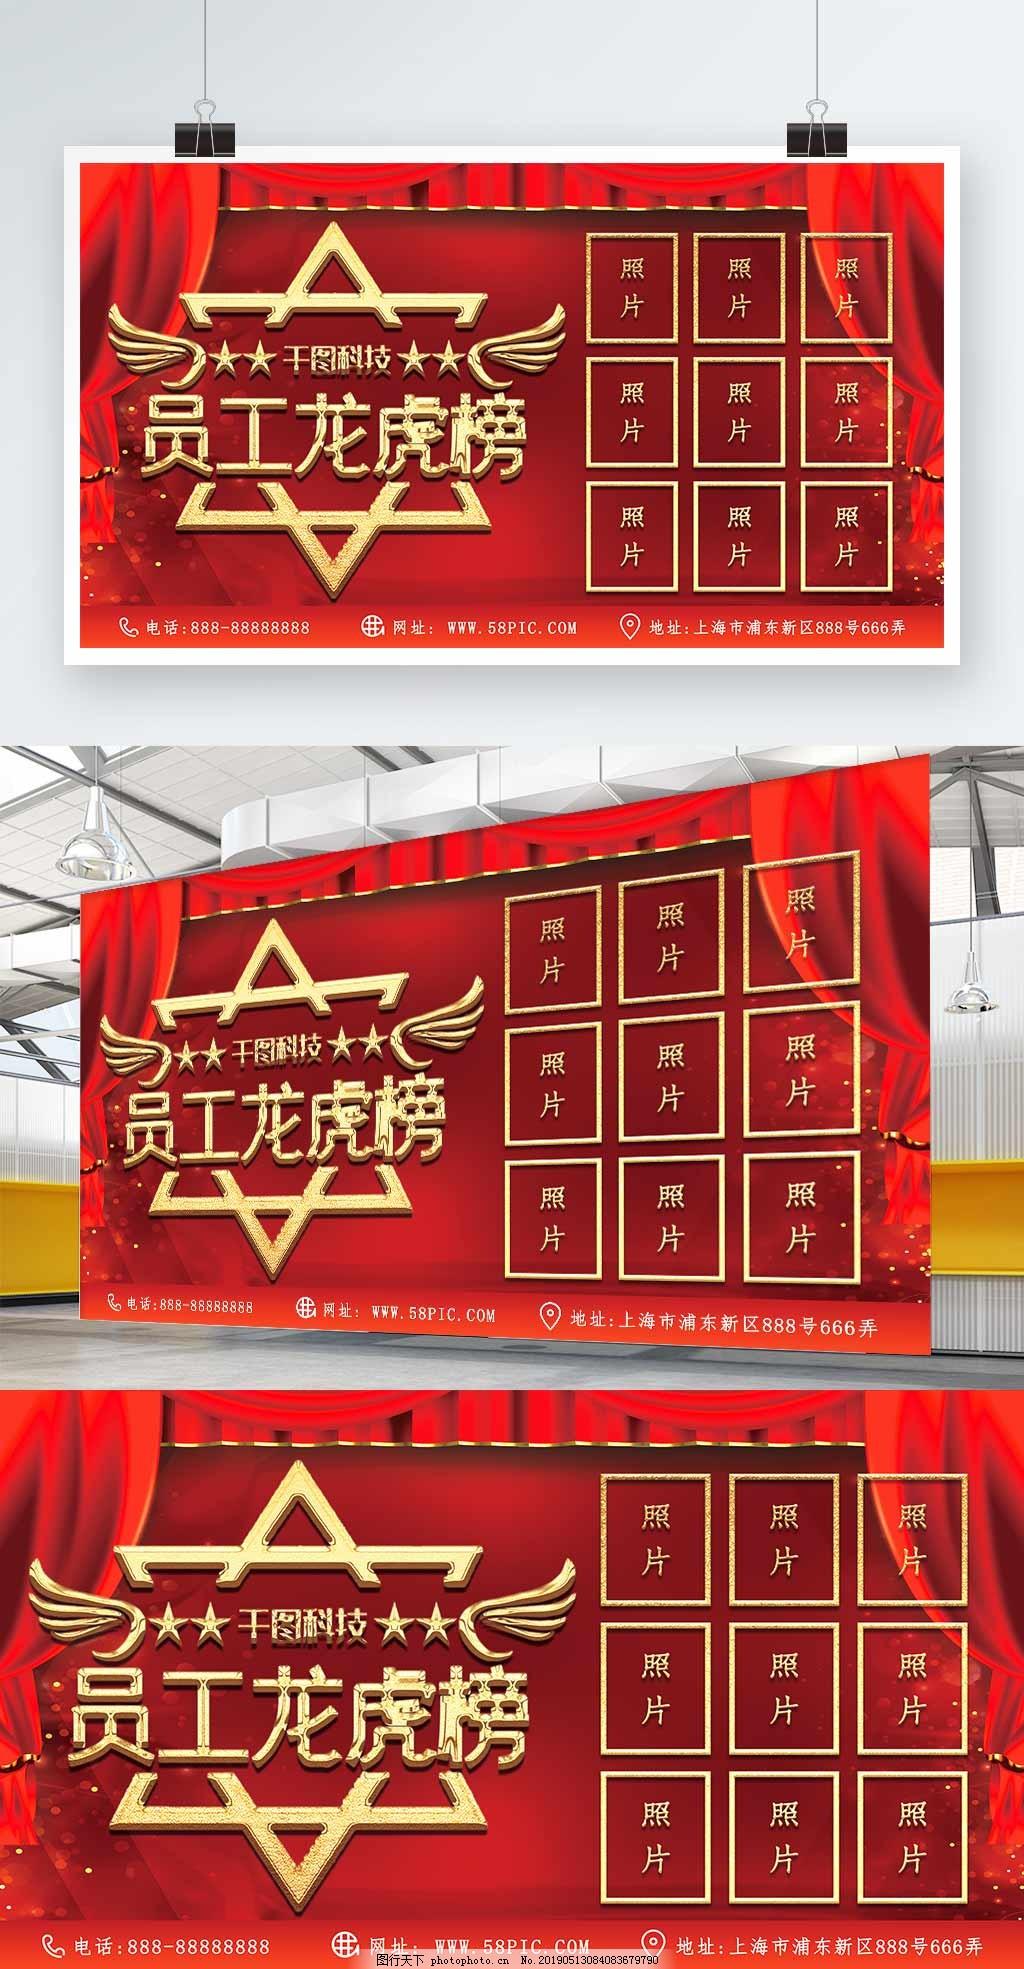 原创简约创意时尚员工龙虎榜商业宣传展板,高端,风采,psd,源文件,红色,帷幕